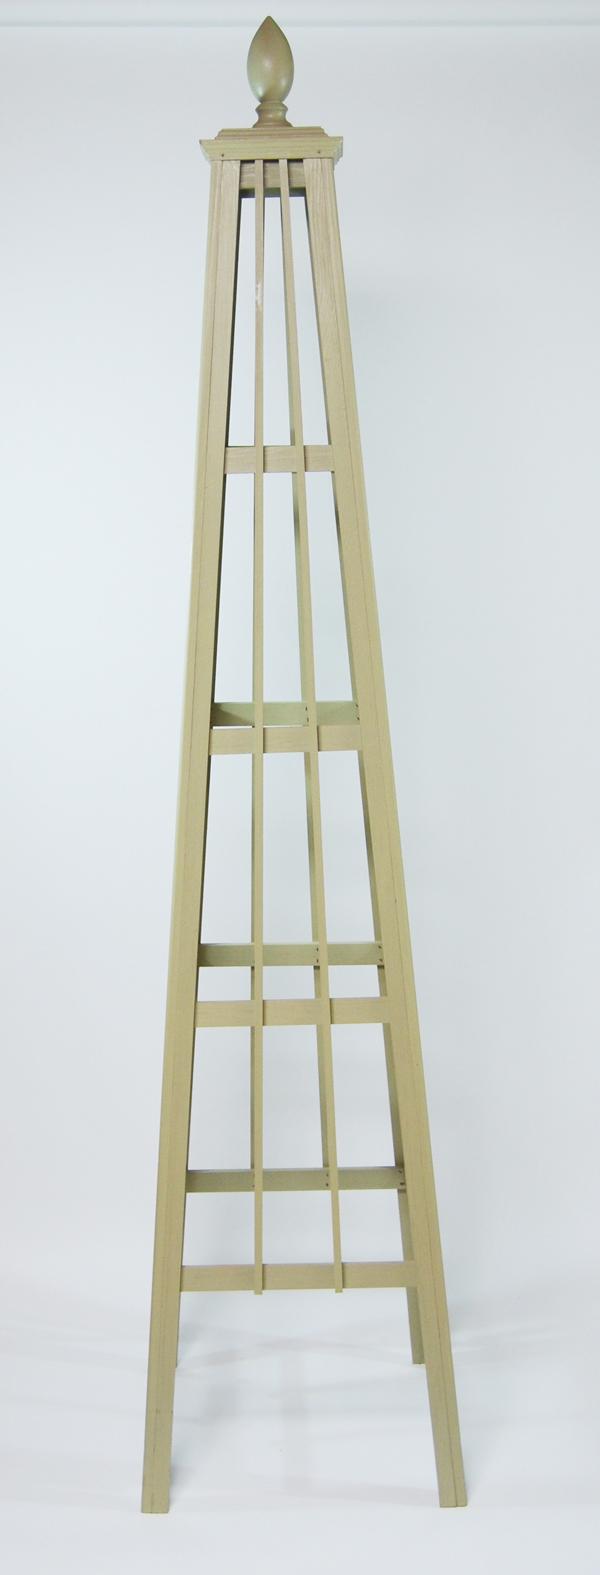 オベリスク ピラミッドタイプ 「シンプルロッド2」サイズ:L(高さ192cm、幅43cm、奥行き43cm)